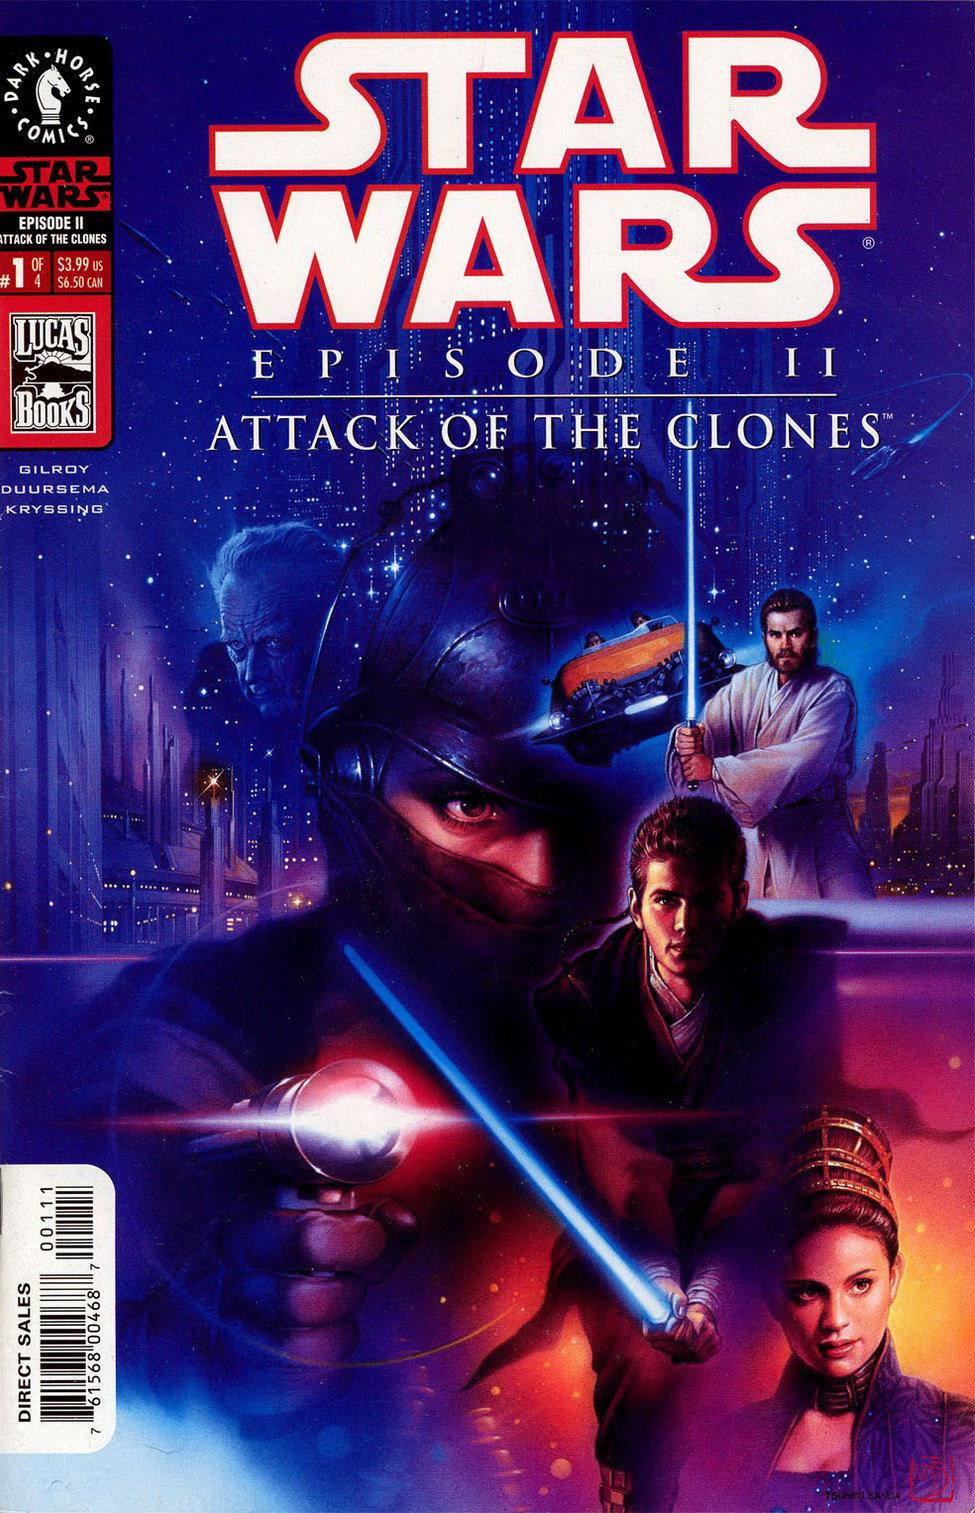 Star Wars Episode 2 Movie4k